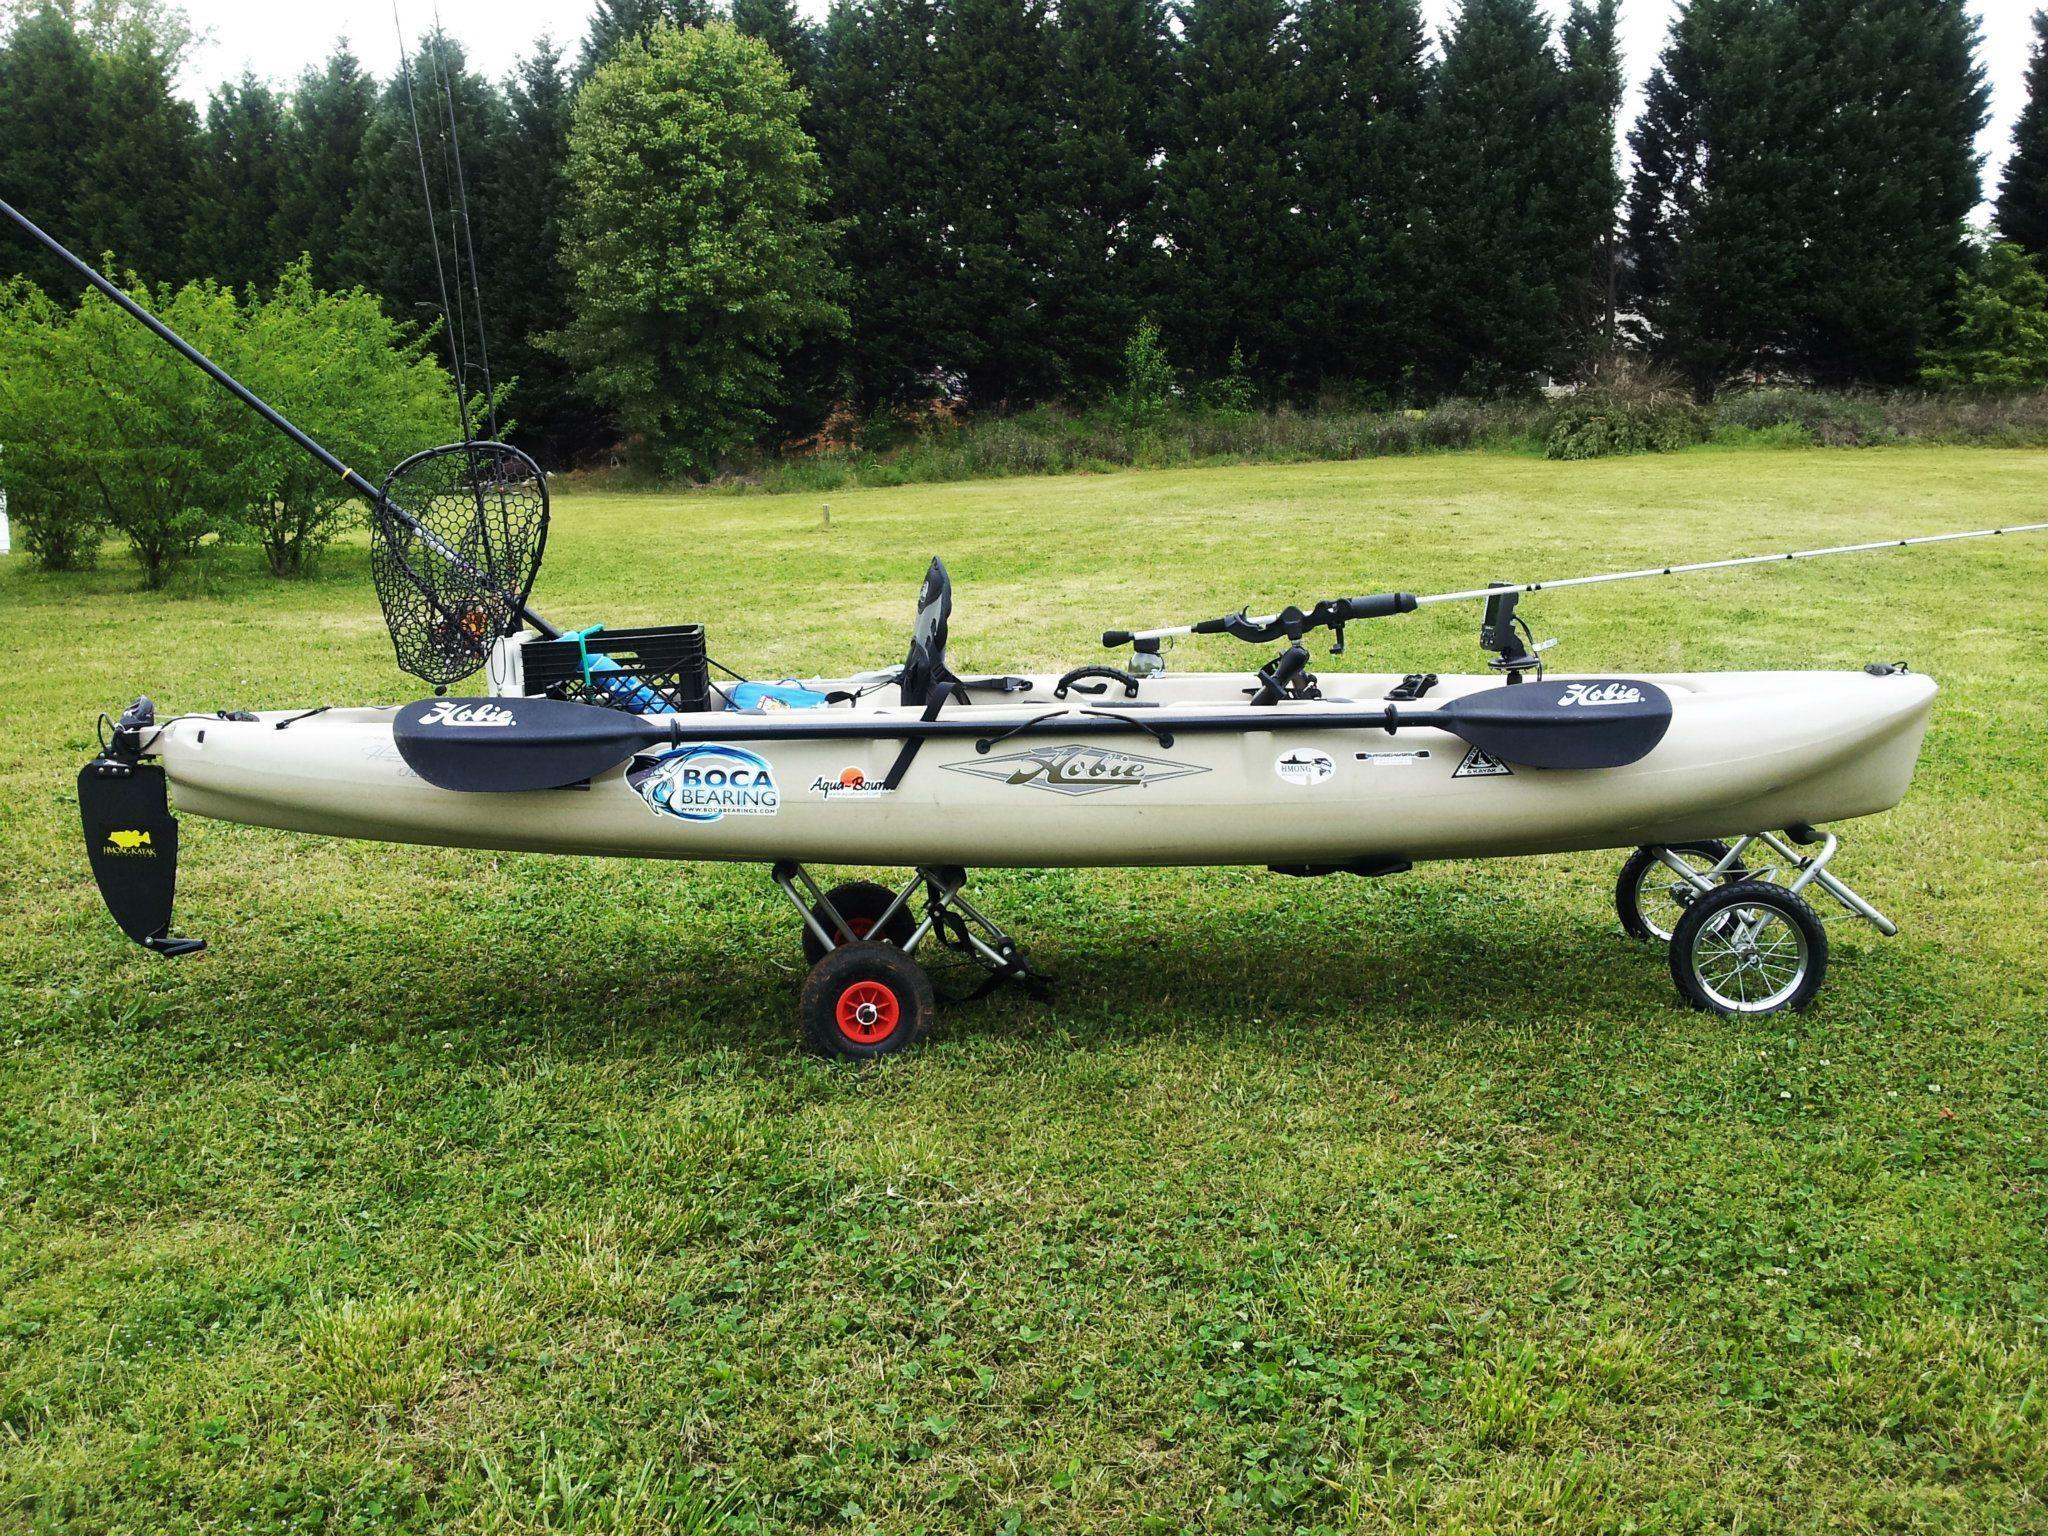 Hobie Outback Kayak fishing, Kayaking, Hobie mirage